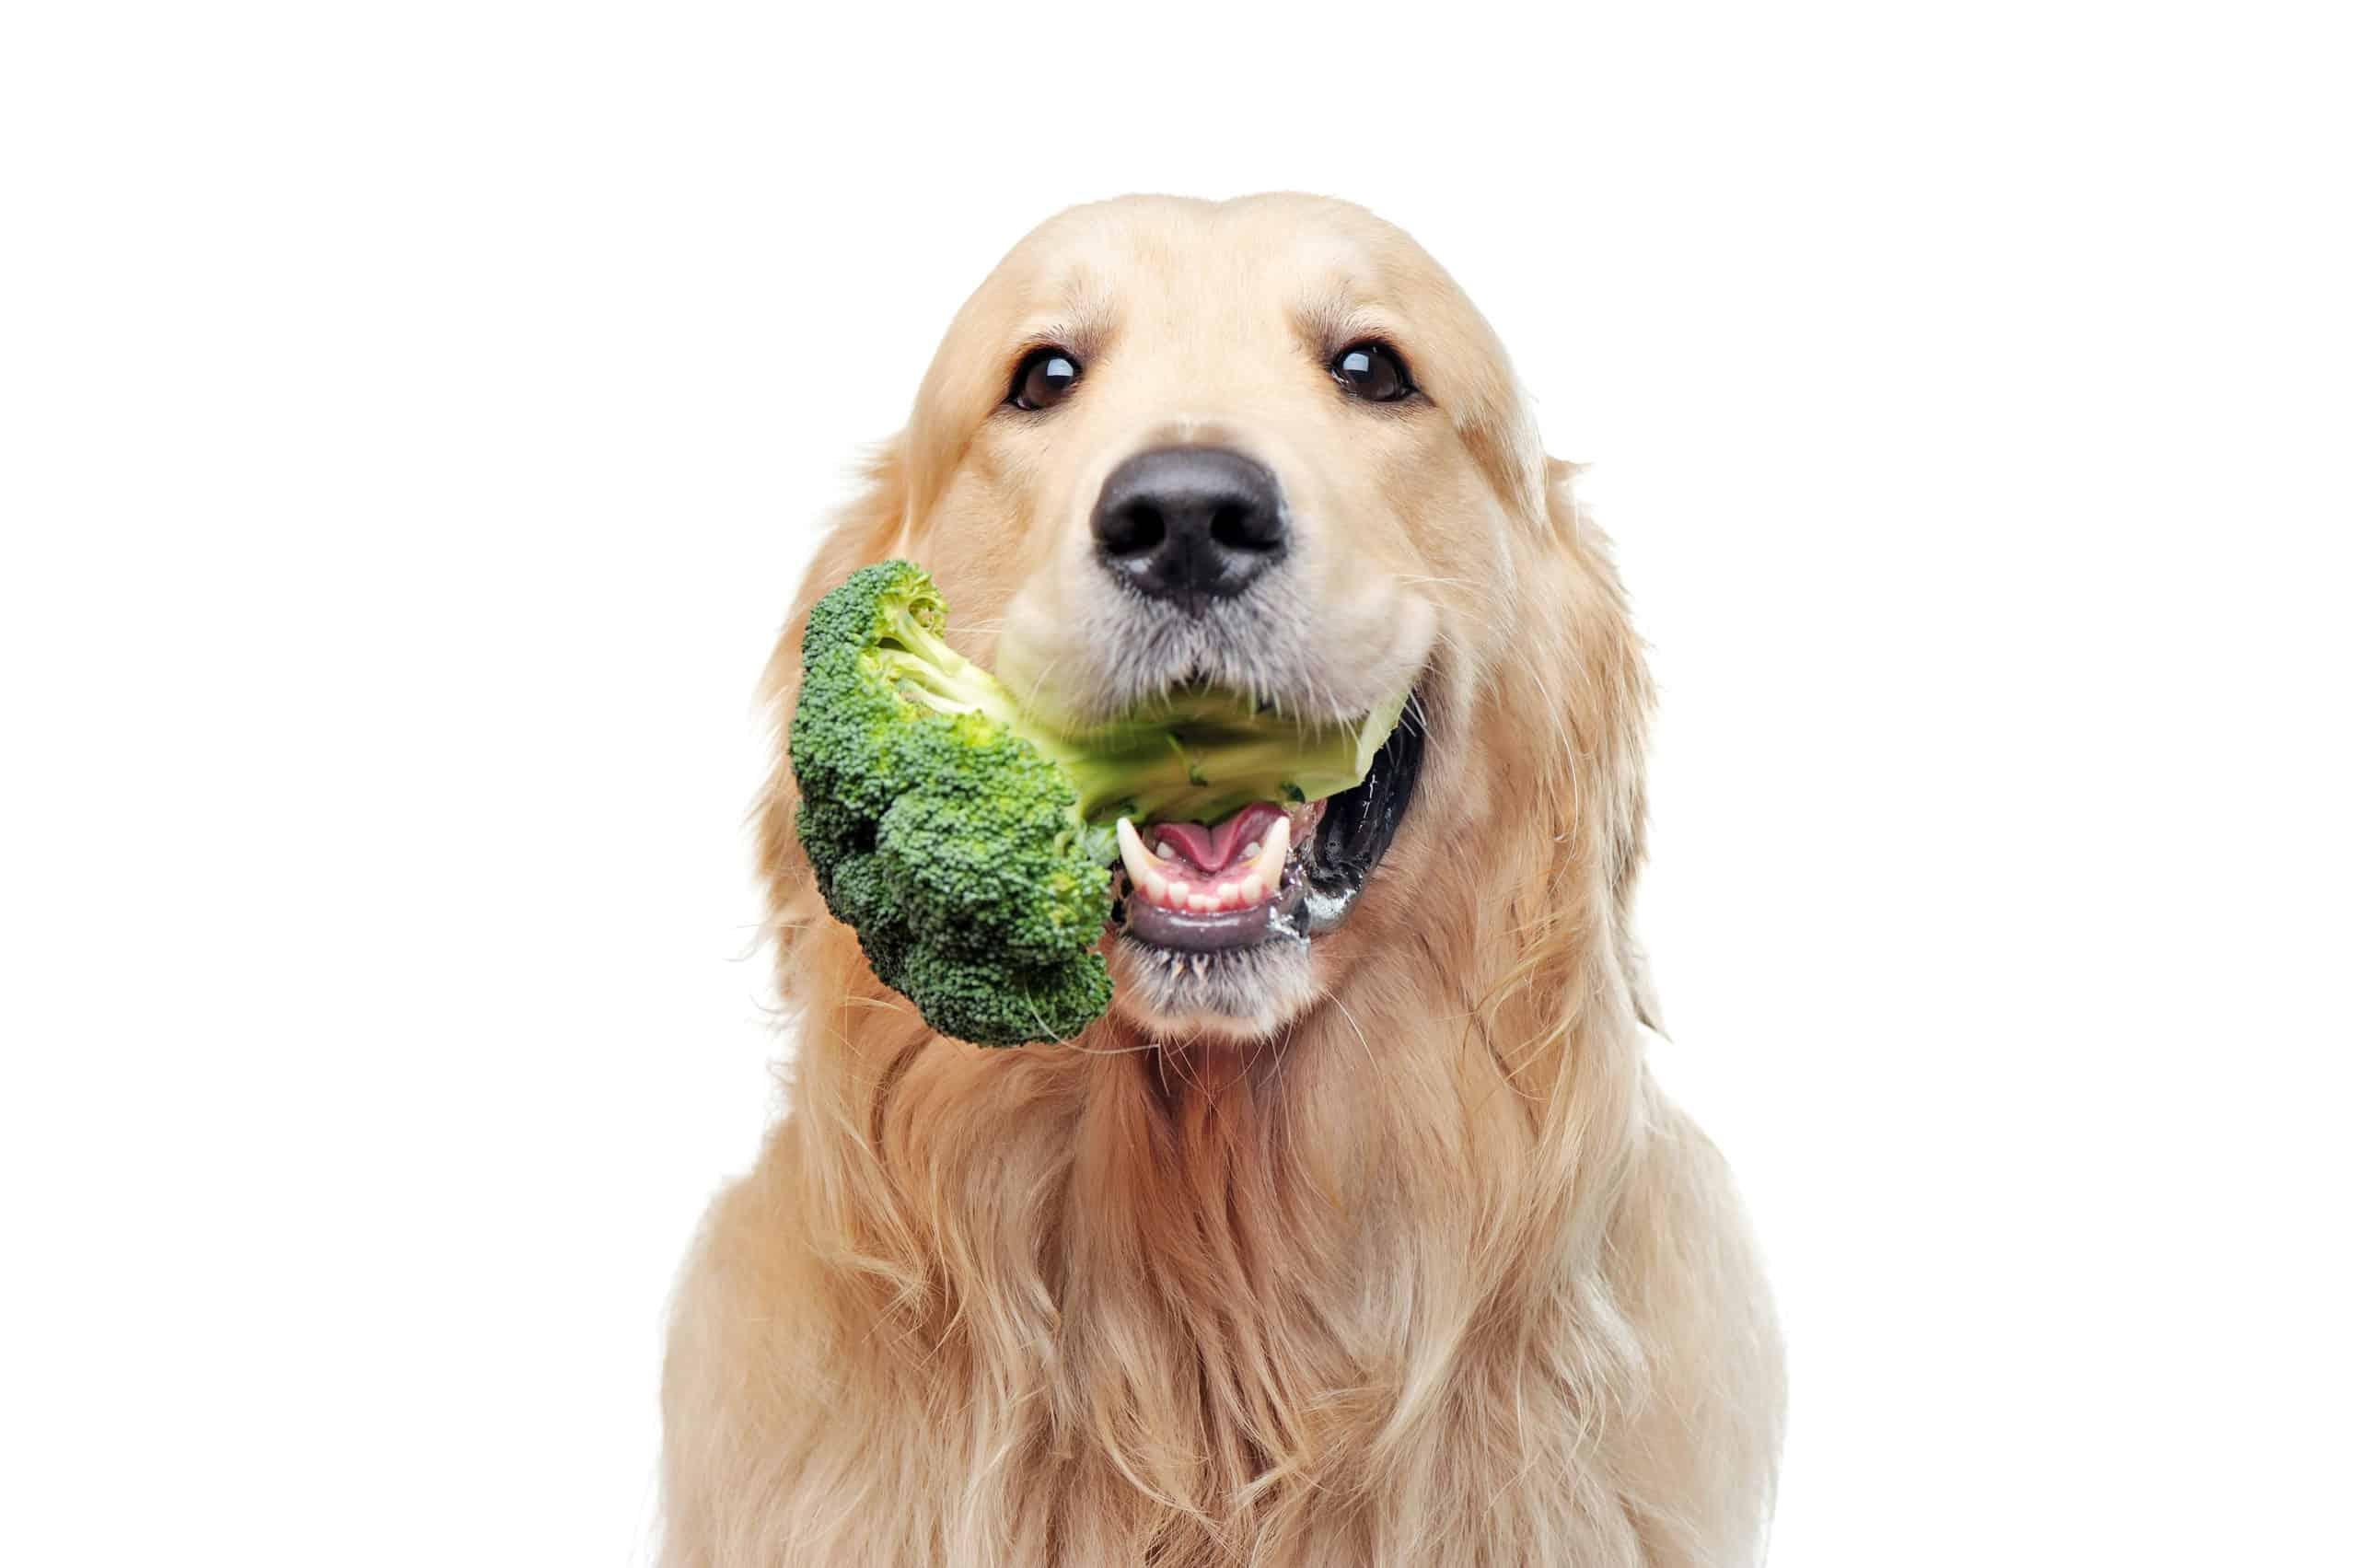 Golden retriever eats broccoli.